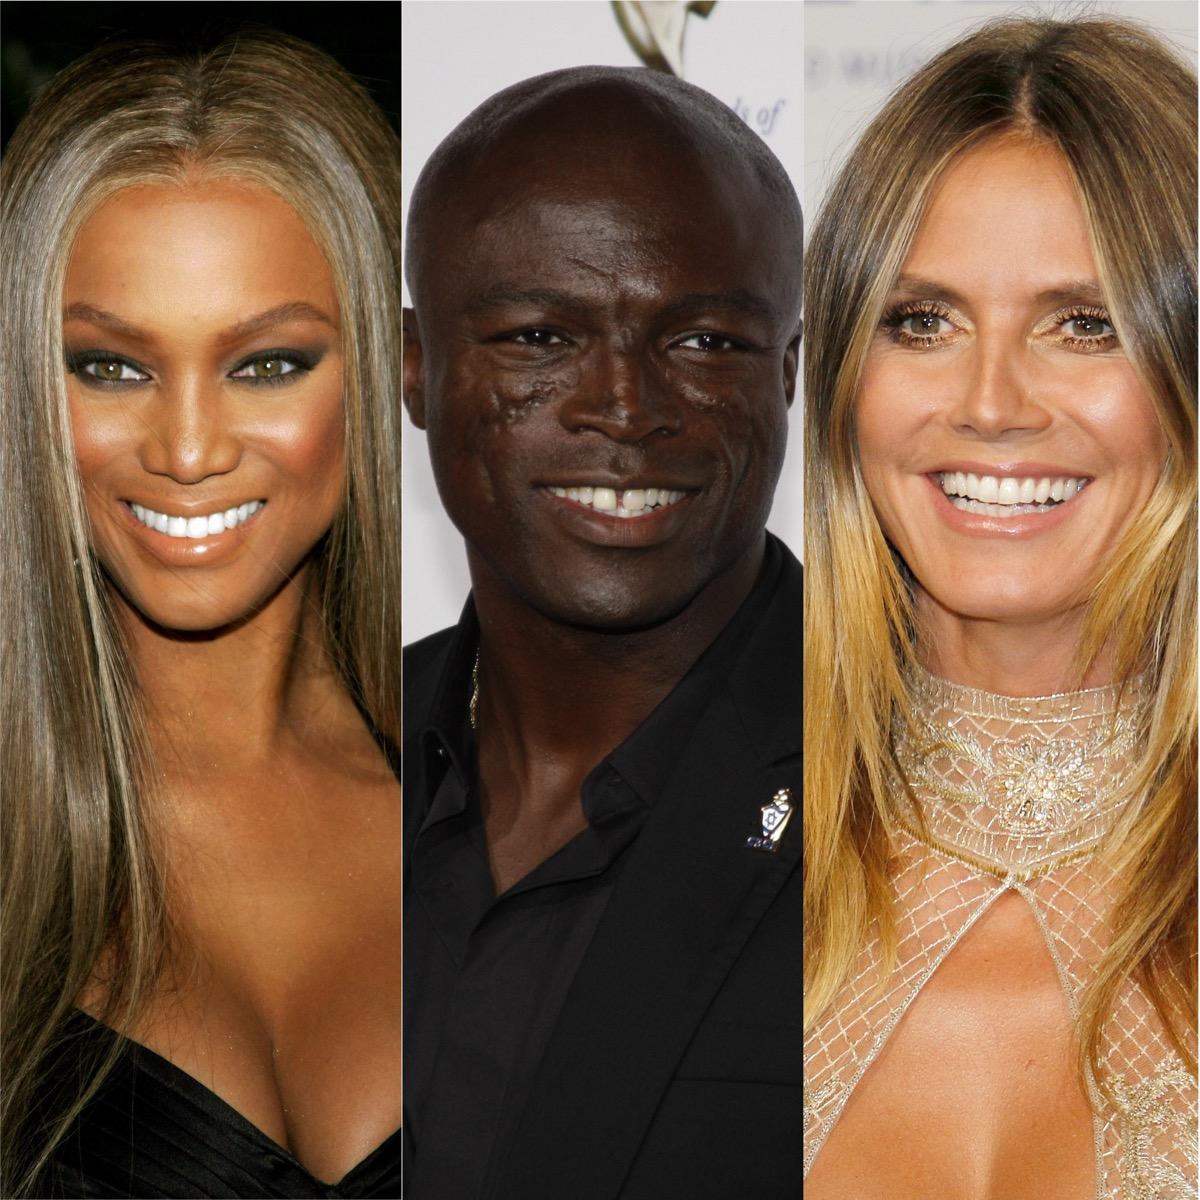 Tyra Banks, Seal, and Heidi Klum